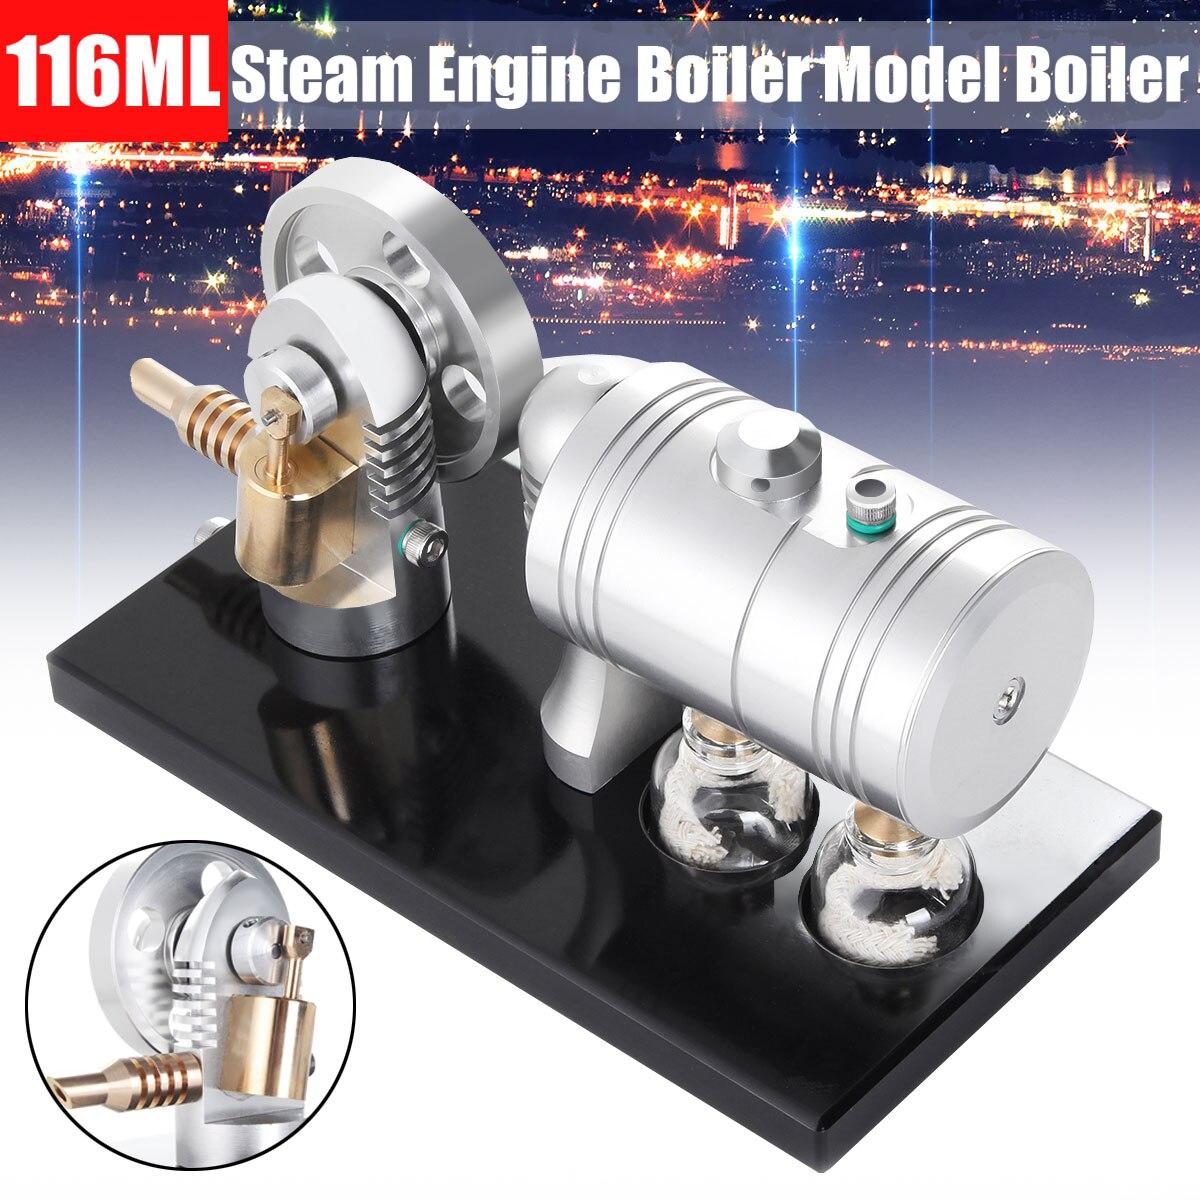 116 ML Air chaud Stirling métal modèle générateur moteur éducatif vapeur puissance éducation précoce jouets Science expérience prop